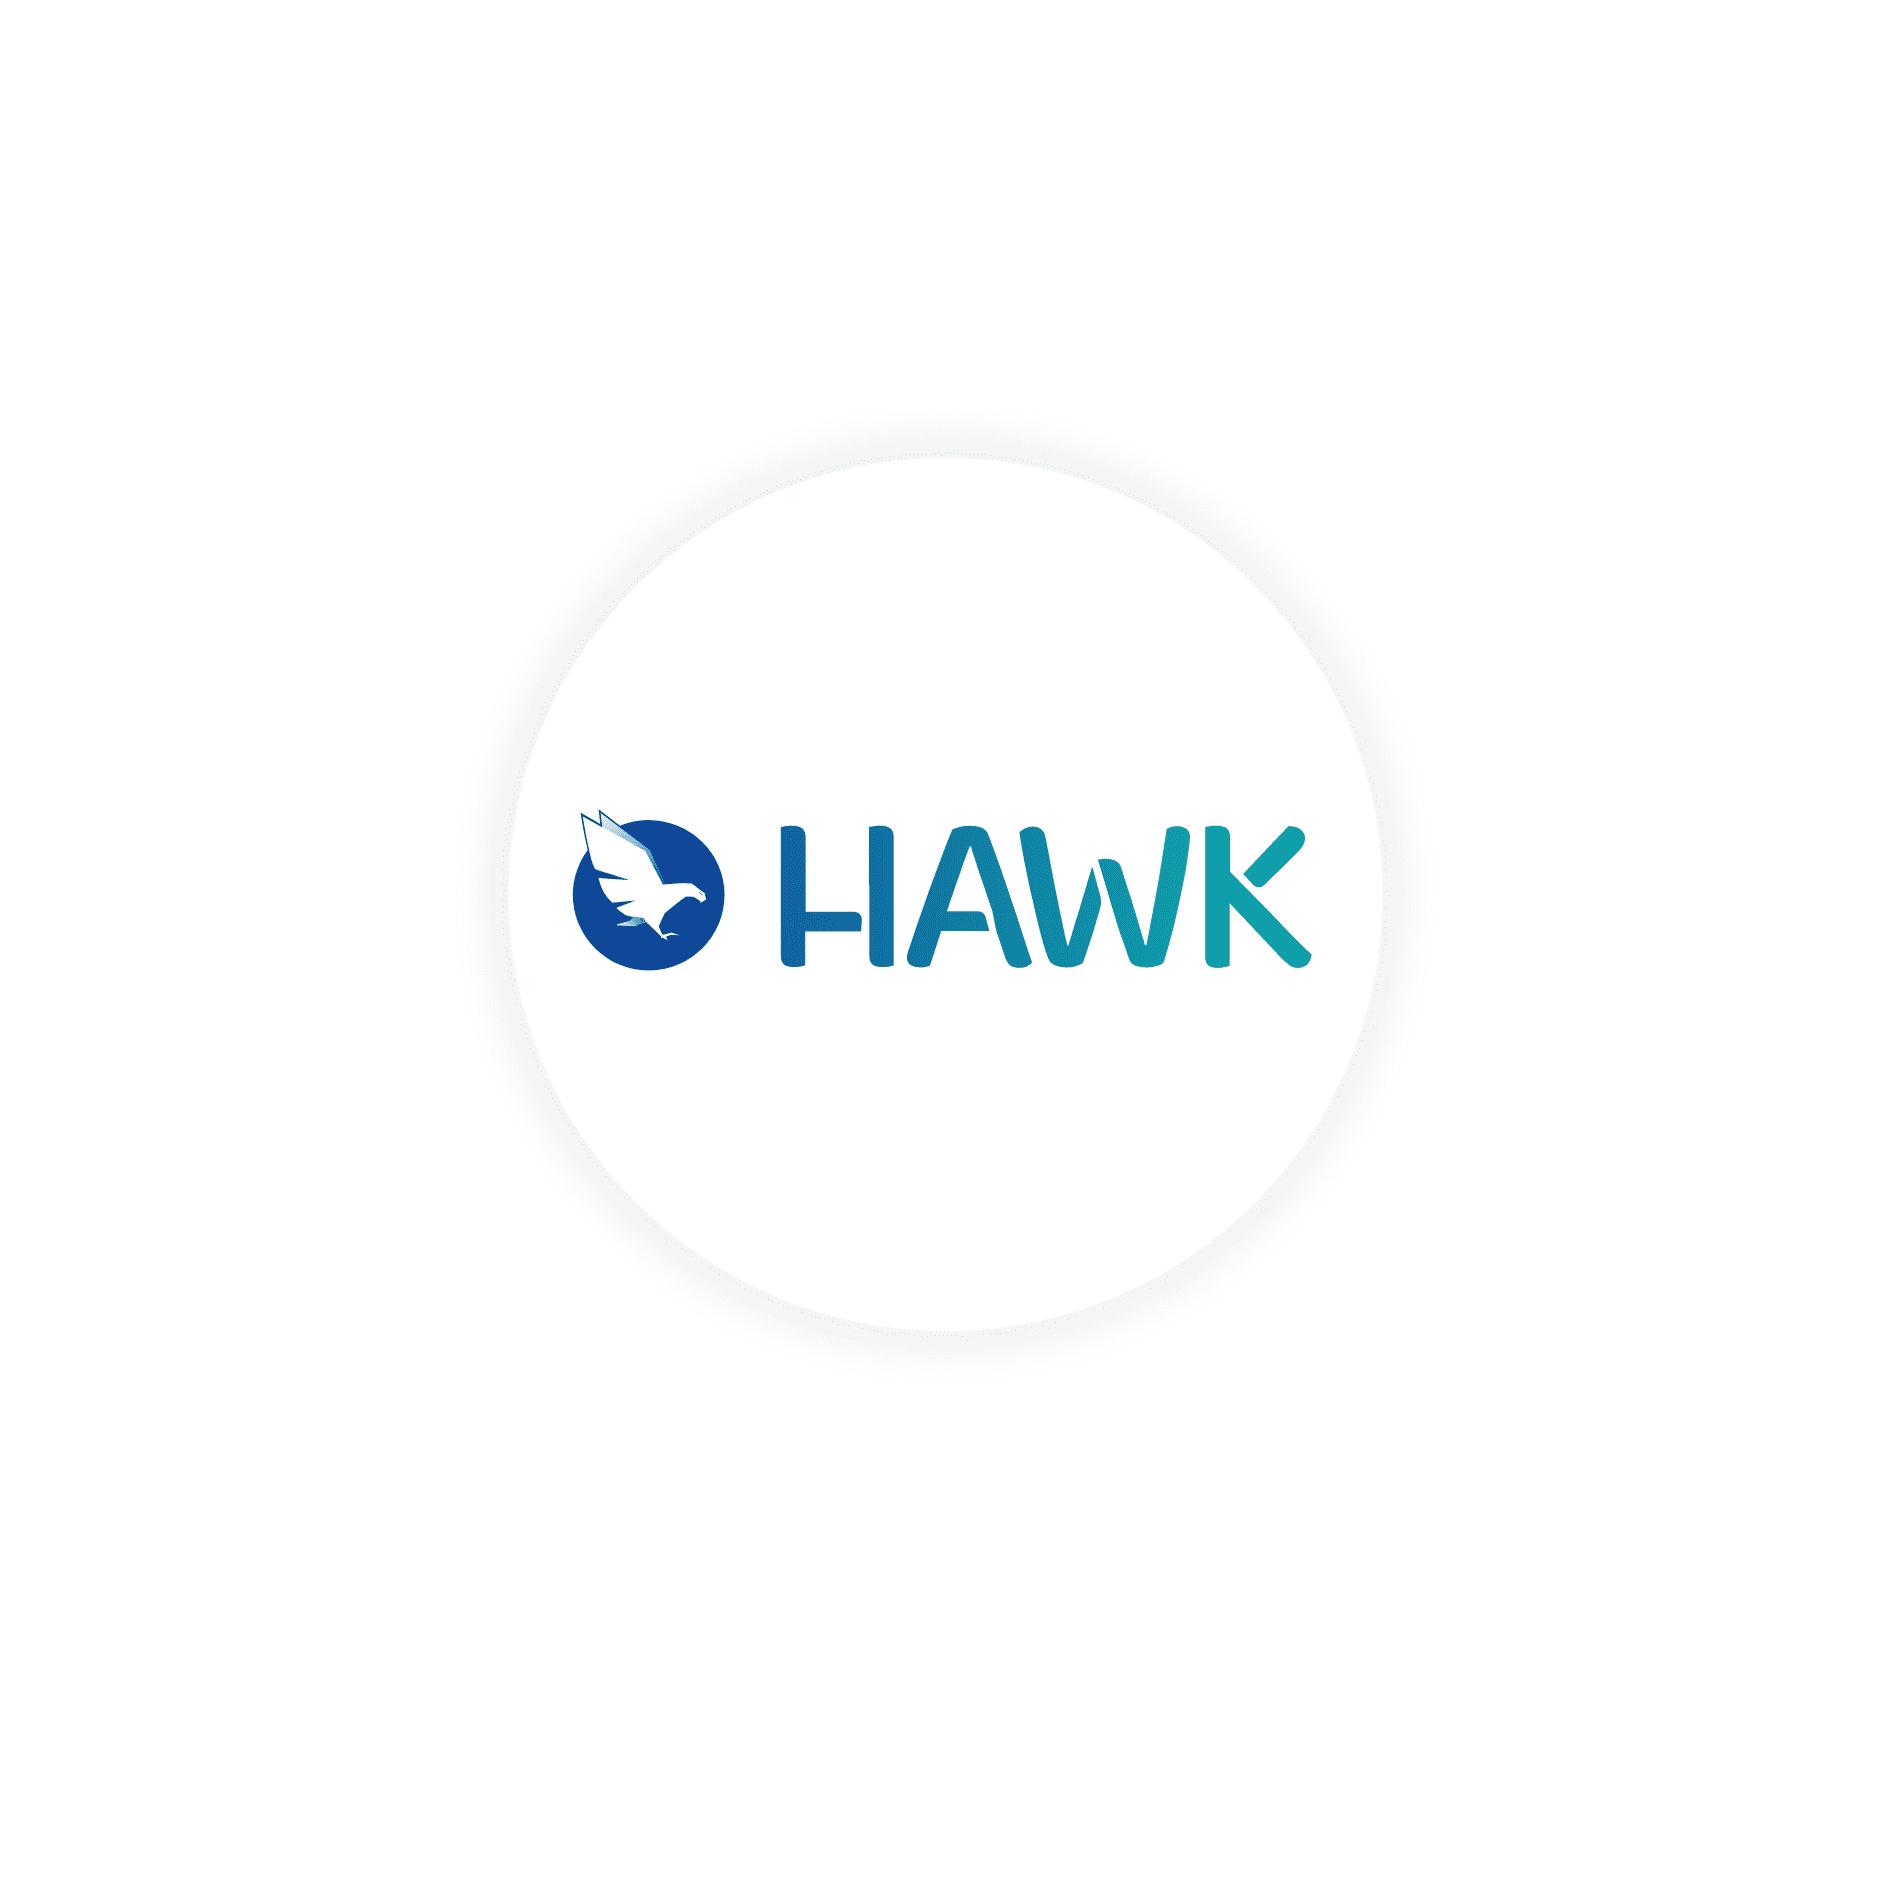 notoriété de marque - hawk